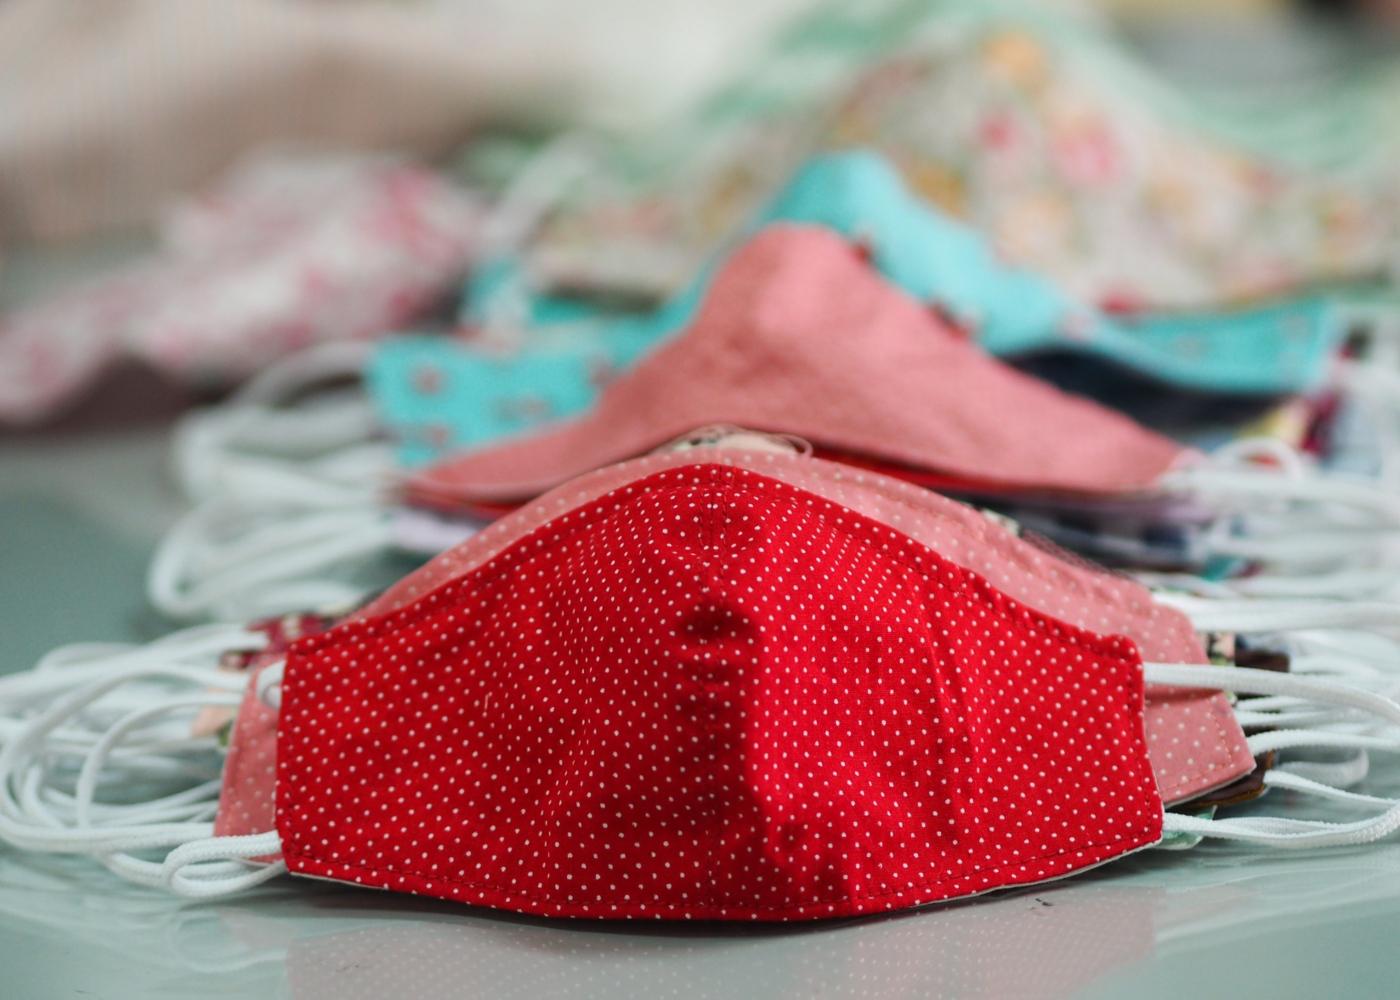 Variedade de máscaras de tecido em cima de uma mesa